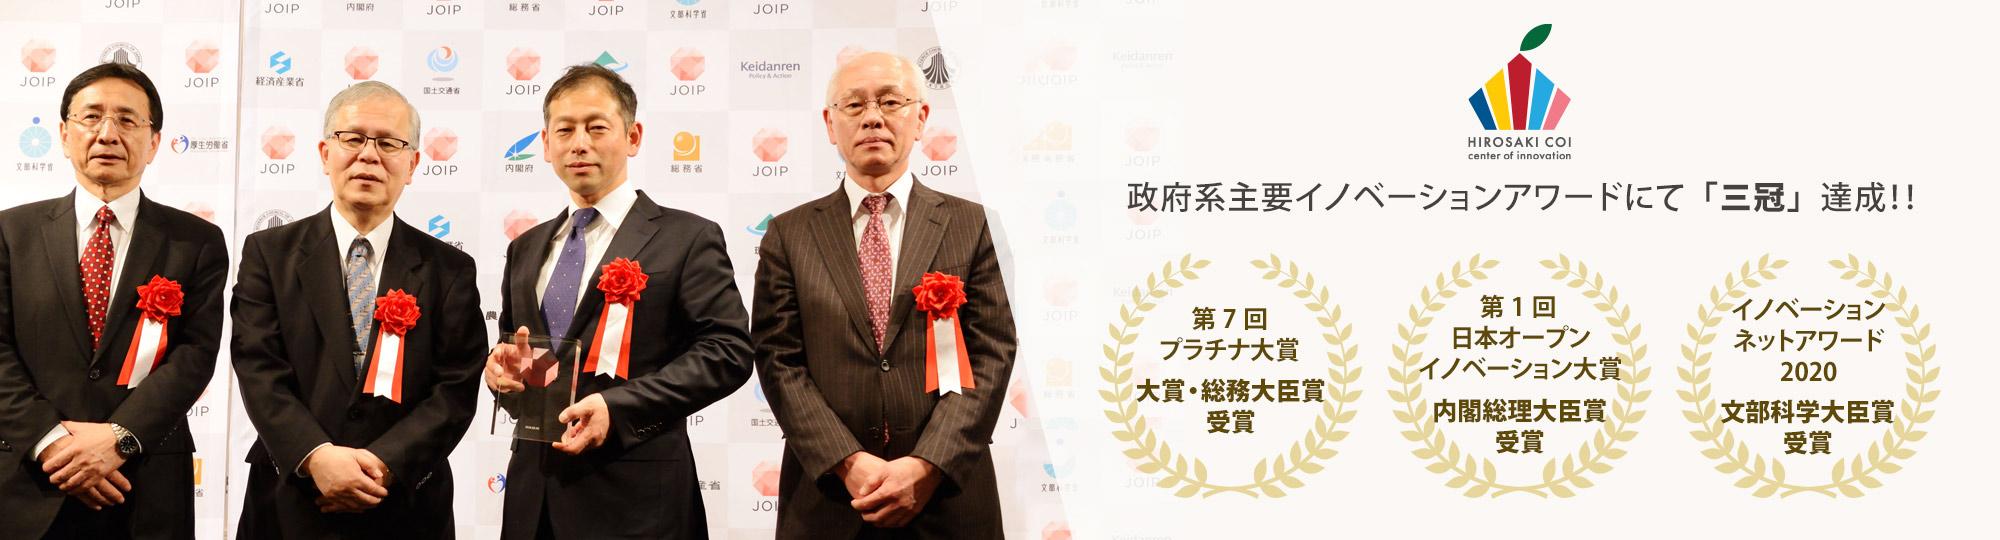 弘前大学COI 政府系主要イノベーションアワードにて「三冠」達成!!